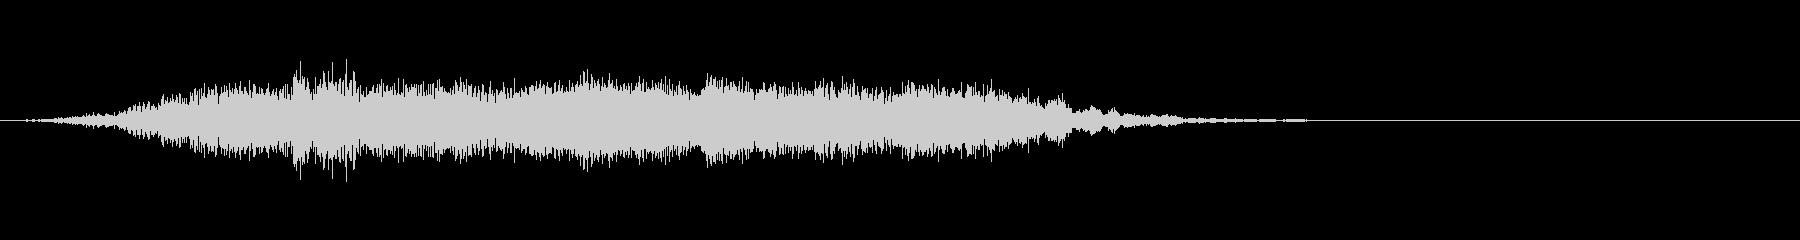 モォ〜♪牛の鳴き声の効果音02の未再生の波形